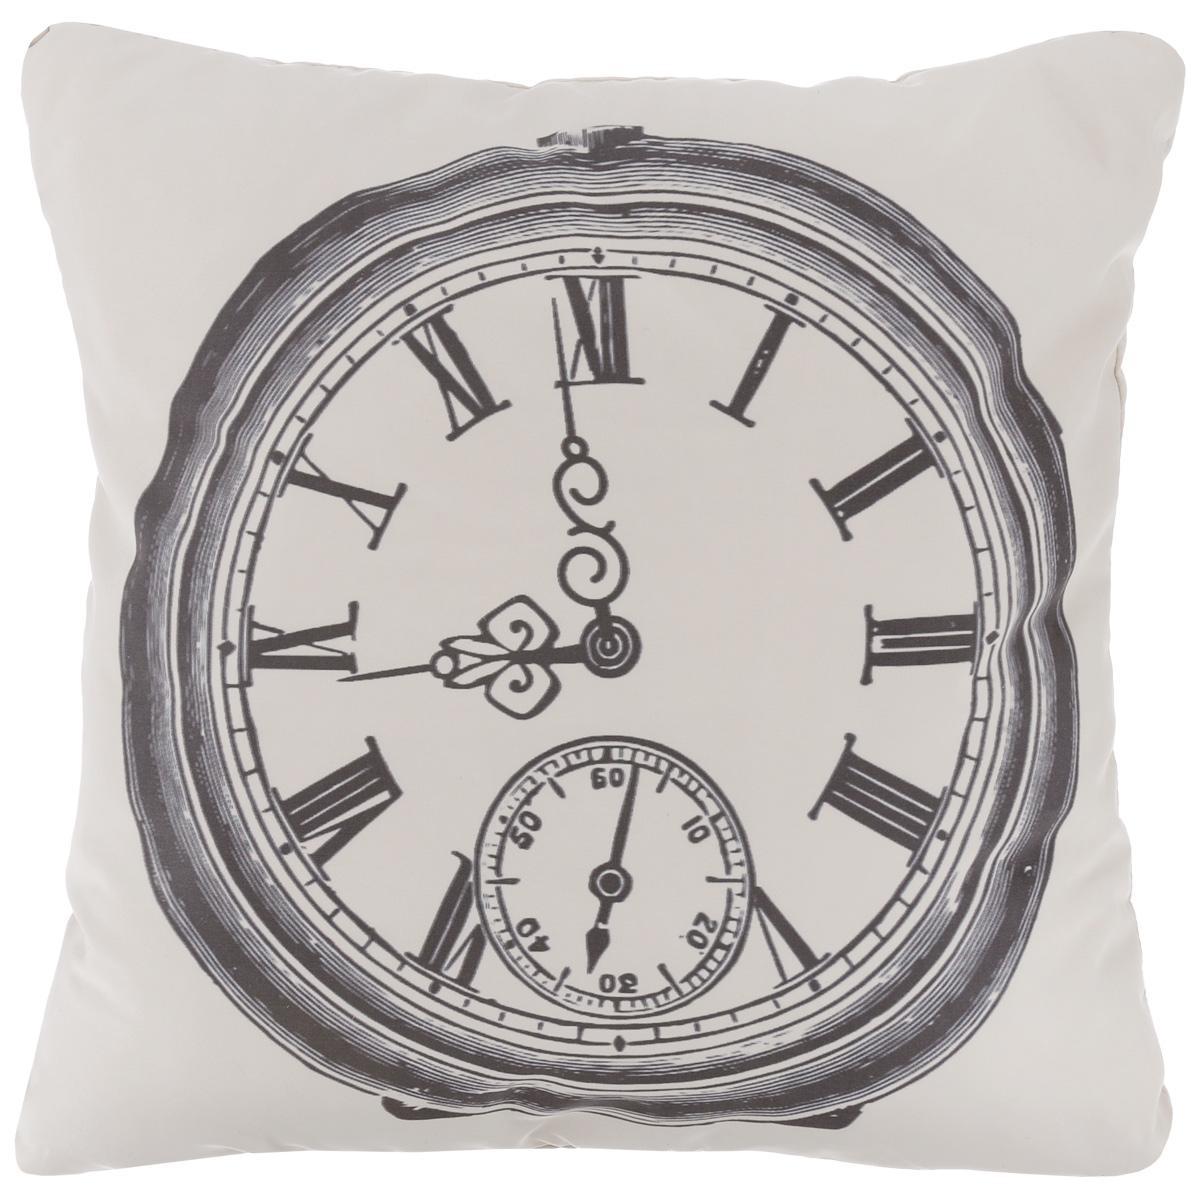 Подушка декоративная Proffi Старинные часы, цвет: белый, черный, 43 х 43 см531-401Декоративная подушка Proffi Старинные часы - это яркое украшение вашего дома. Чехол выполнен из приятного на ощупь полиэстера и застегивается на молнию. Внутри - мягкий наполнитель, изготовленный из шариков холлофайбера.Лицевая сторона подушки украшена ярким изображением, задняя сторона - однотонная. Стильная и яркая подушка эффектно украсит интерьер и добавит в привычную обстановку изысканность и роскошь.